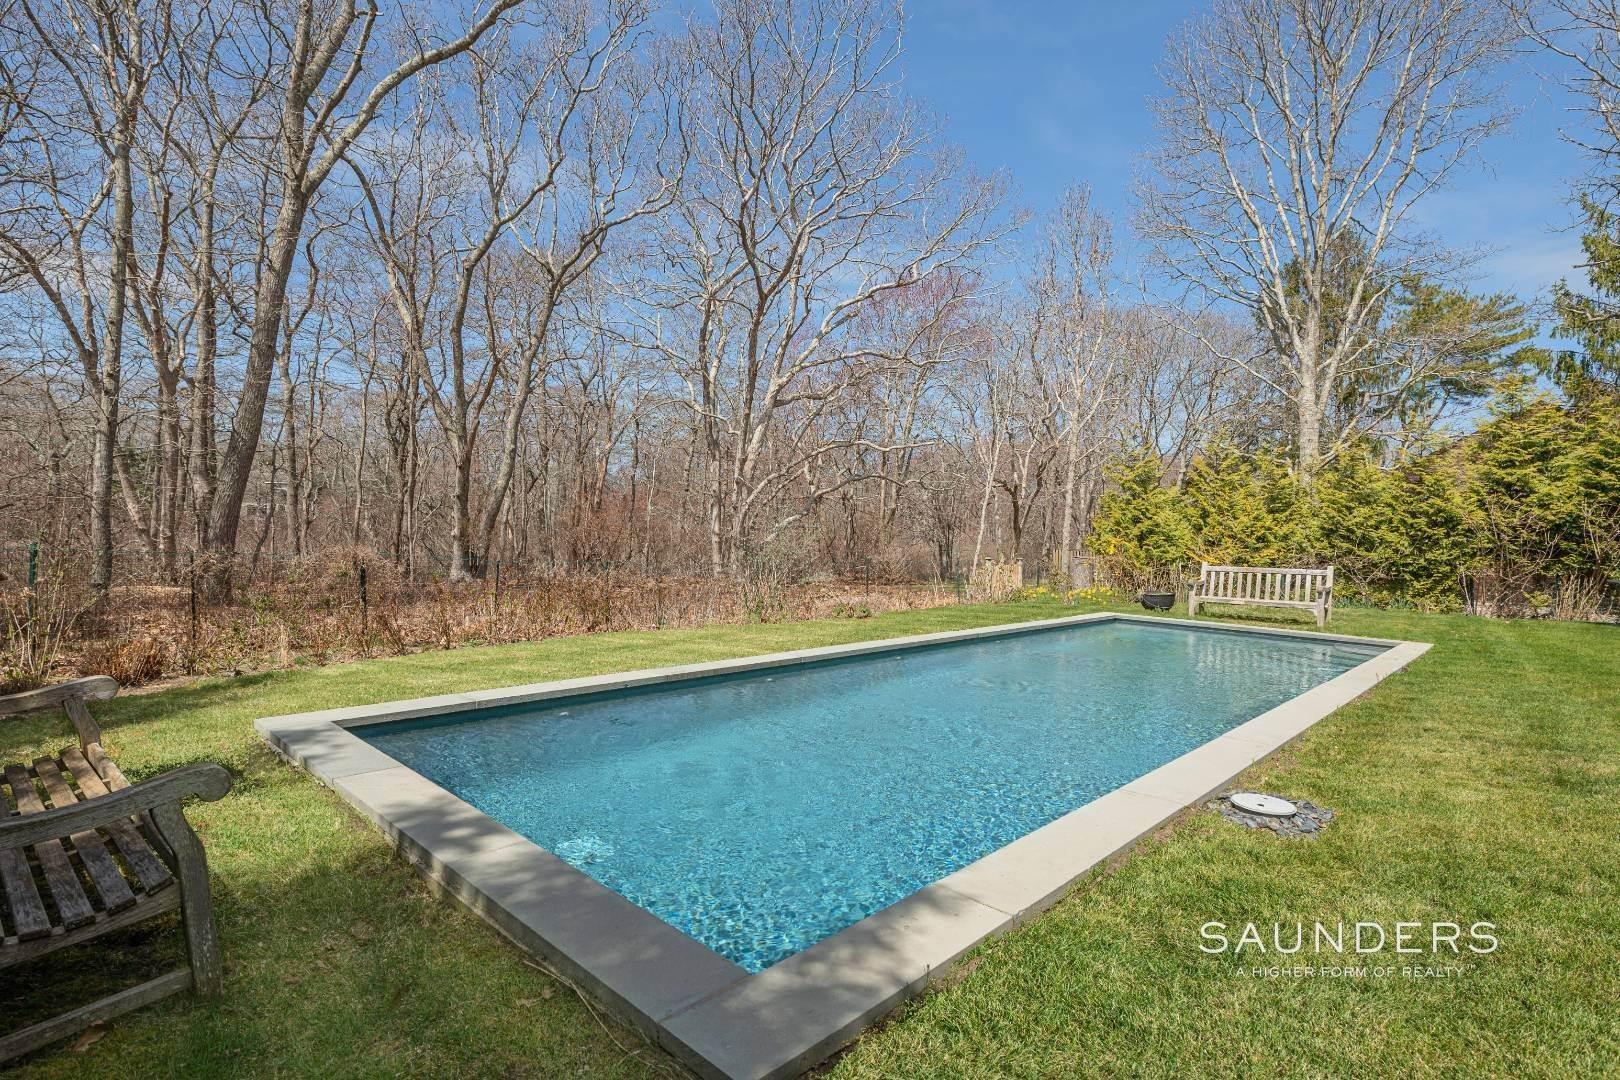 2. Single Family Homes for Sale at Southampton - Cold Spring Fairways 57 Spring Pond Lane, Southampton, Southampton Town, NY 11968